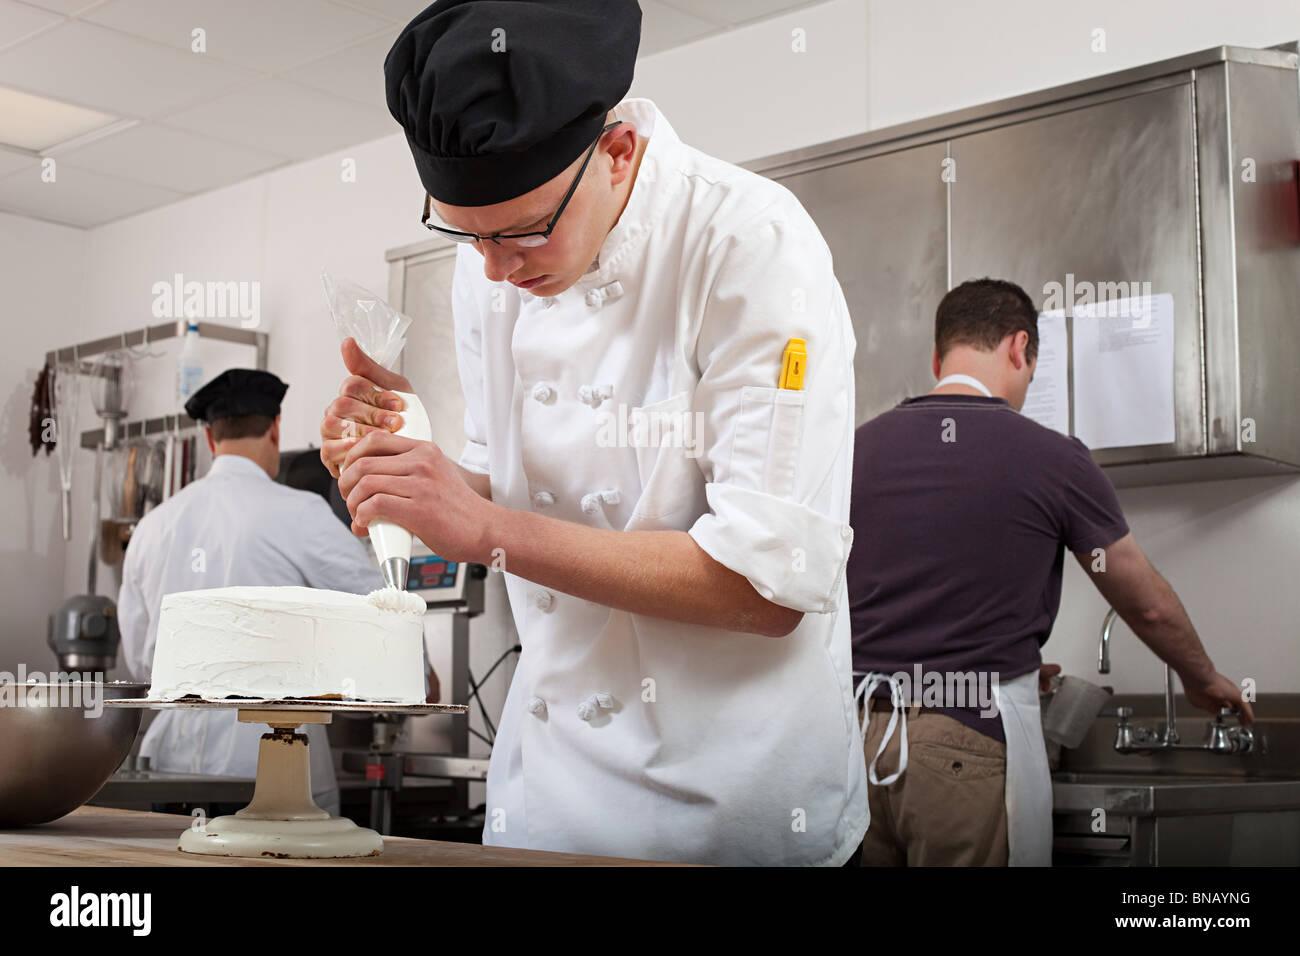 Hacer la torta en cocina comercial Imagen De Stock